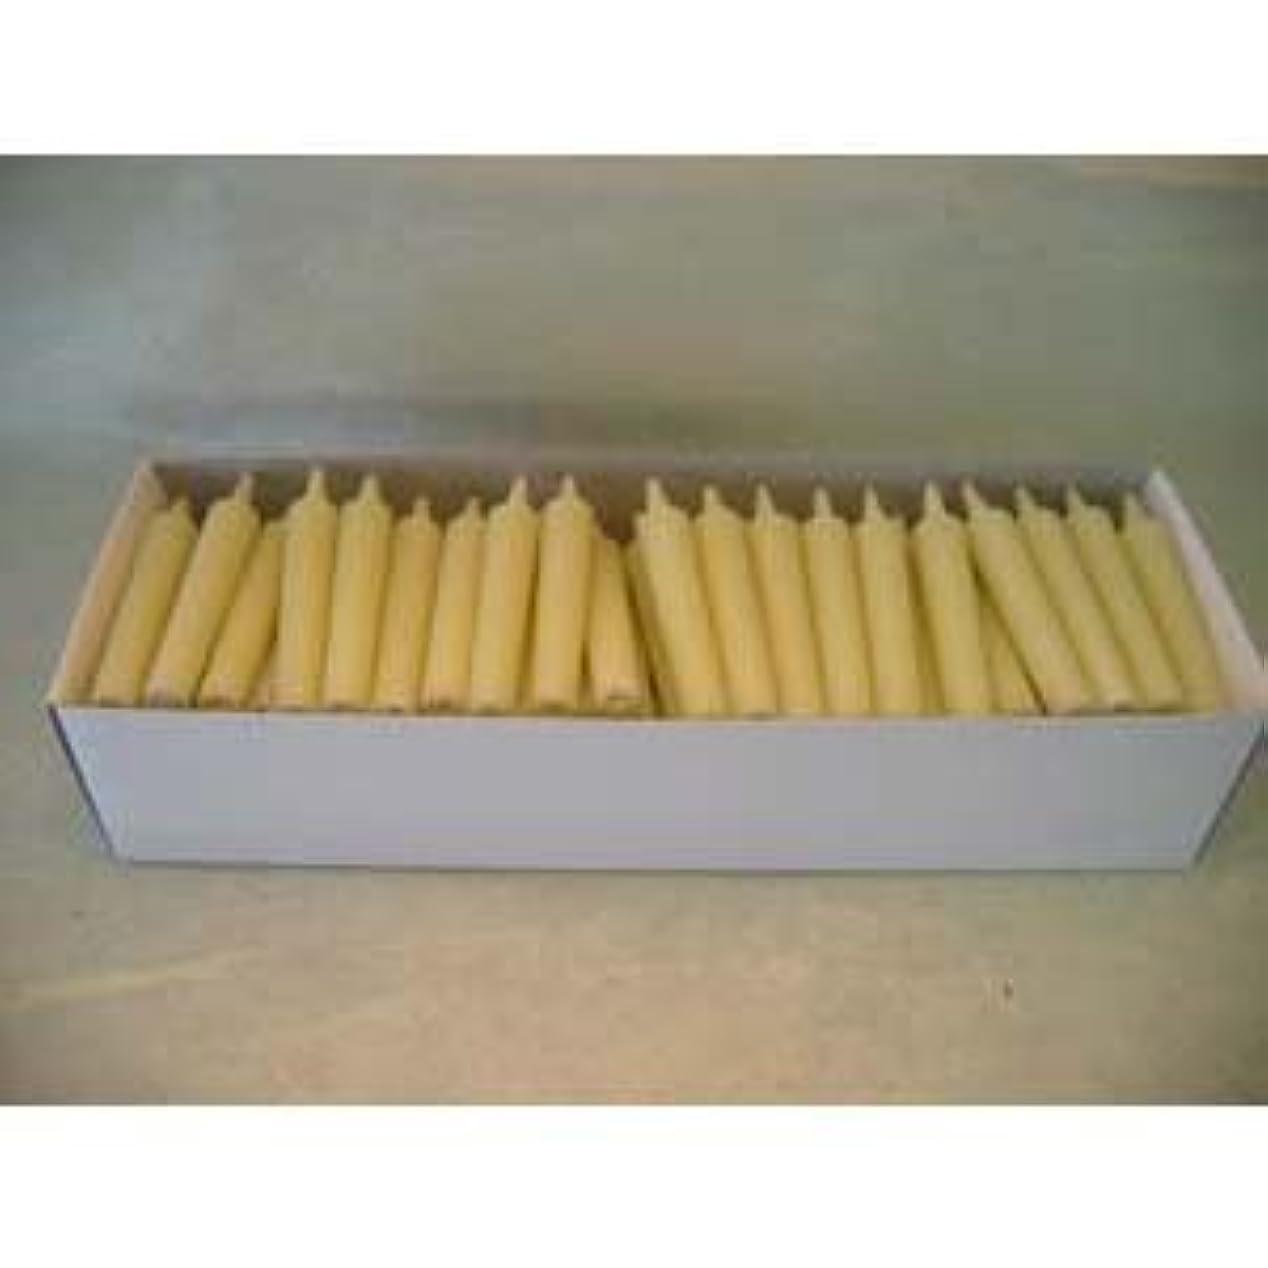 スキム風邪をひく理容室和ろうそく 型和蝋燭 ローソク 豆型 棒タイプ 白 100本入り